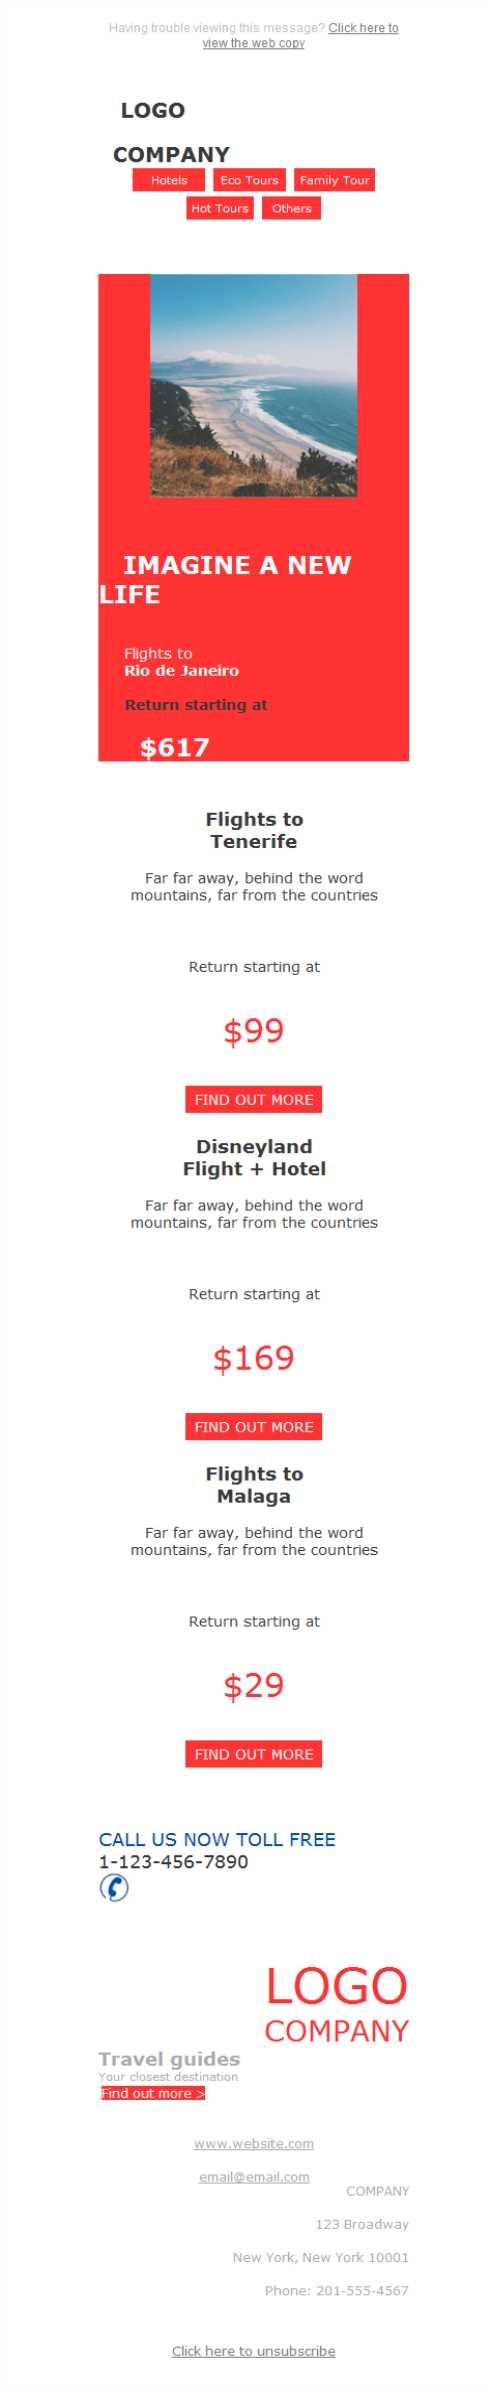 Todos los viajes al alcance de tu móvil gracias al diseño responsive de las plantillas newsletter de Mailify.